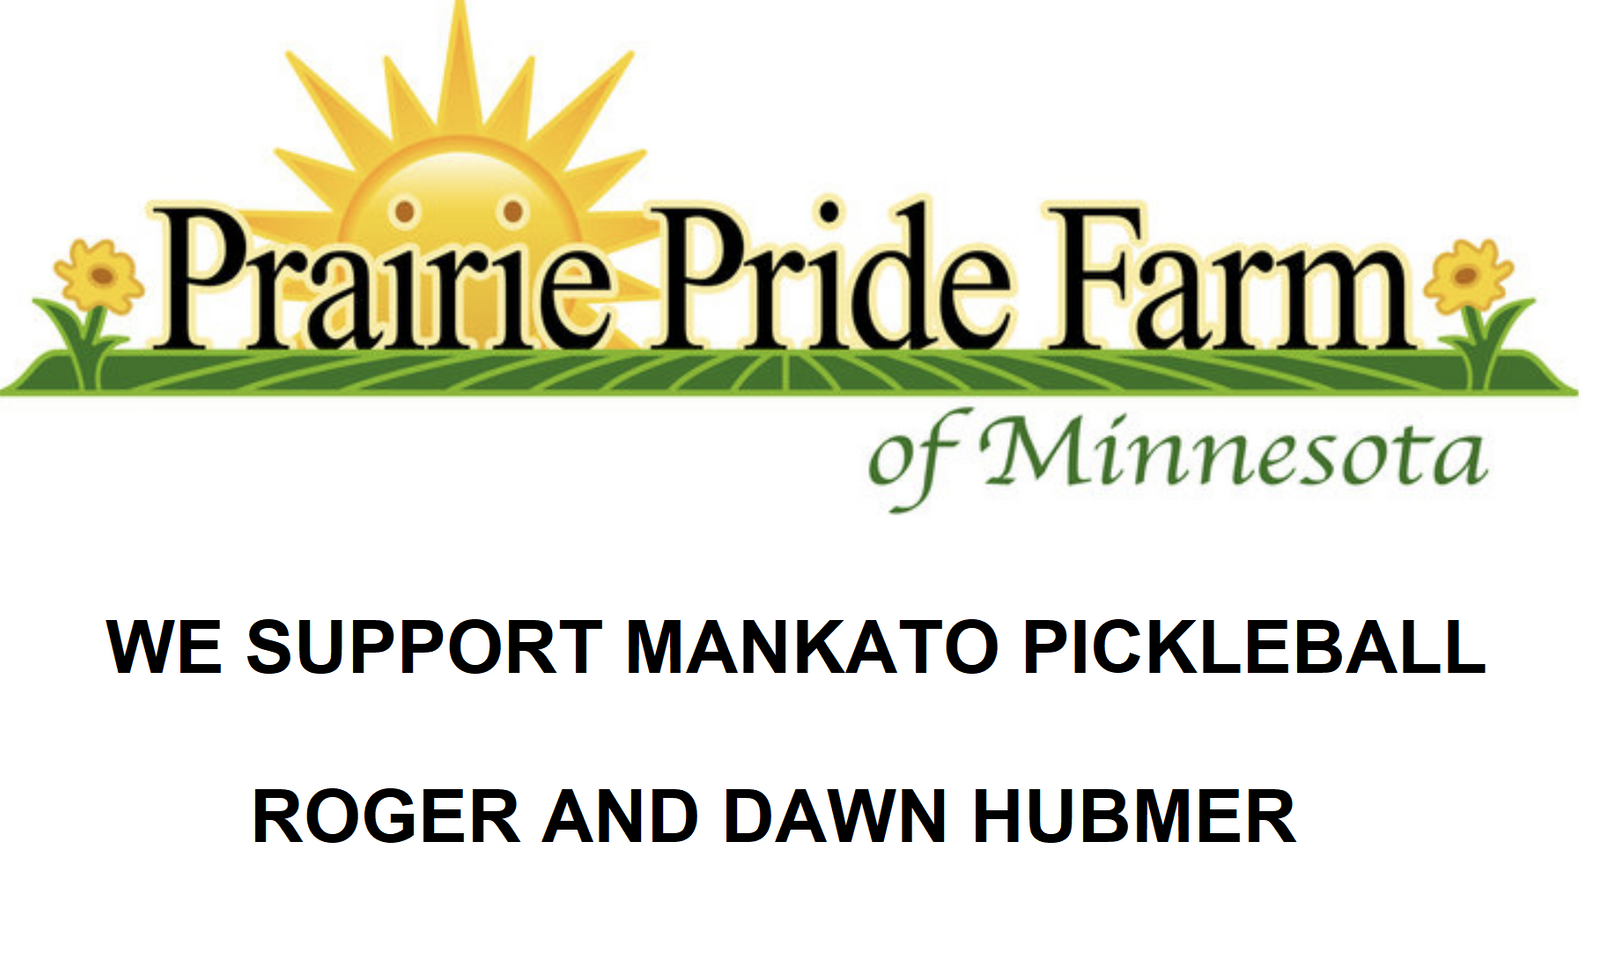 Prairie Pride Farm